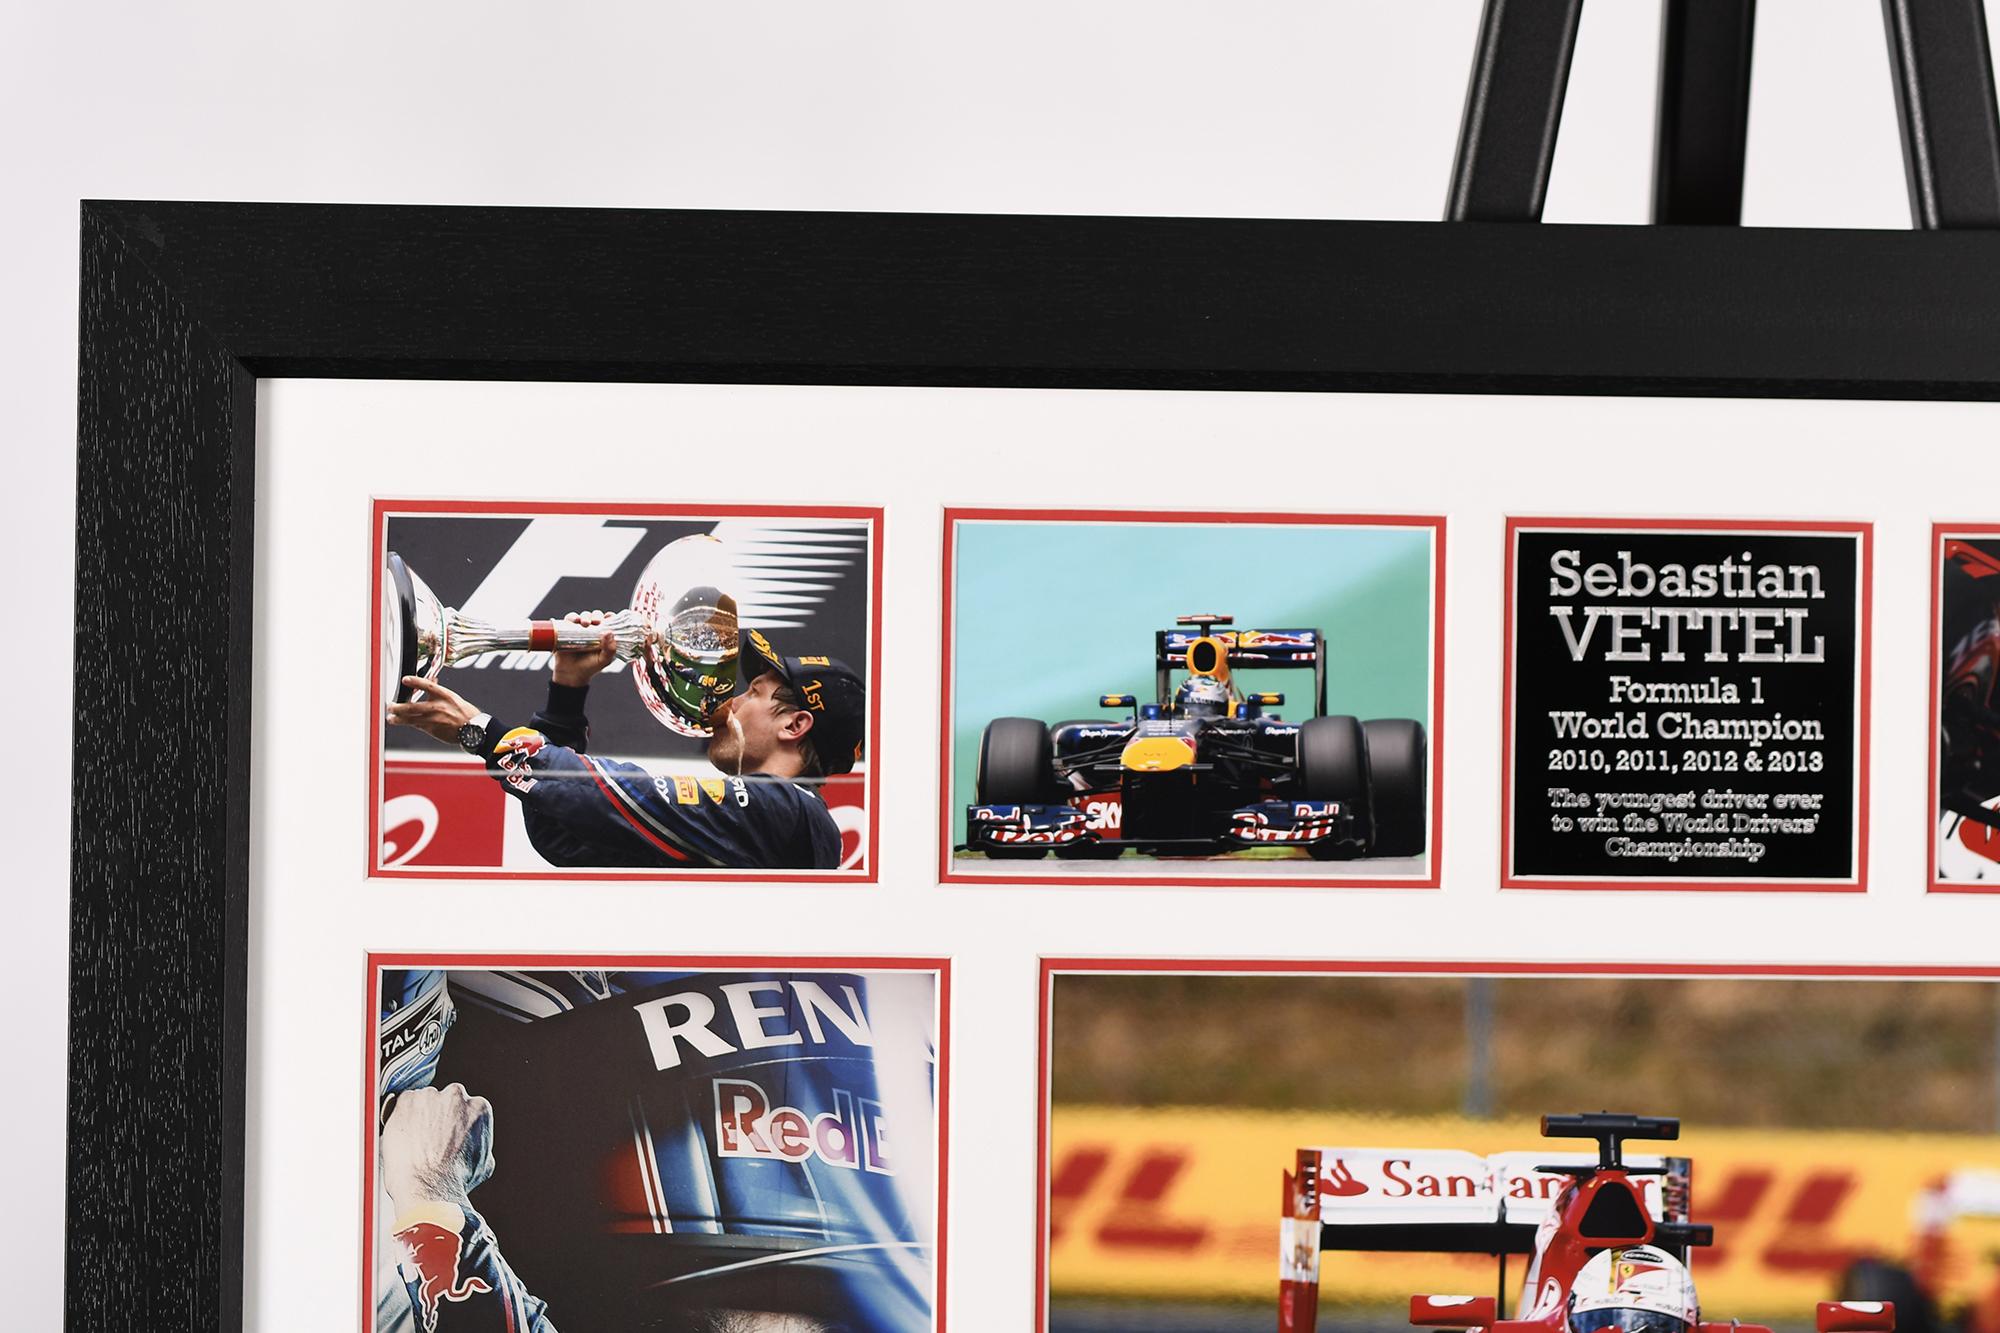 Sebastian Vettel Signed Presentation - Image 4 of 4